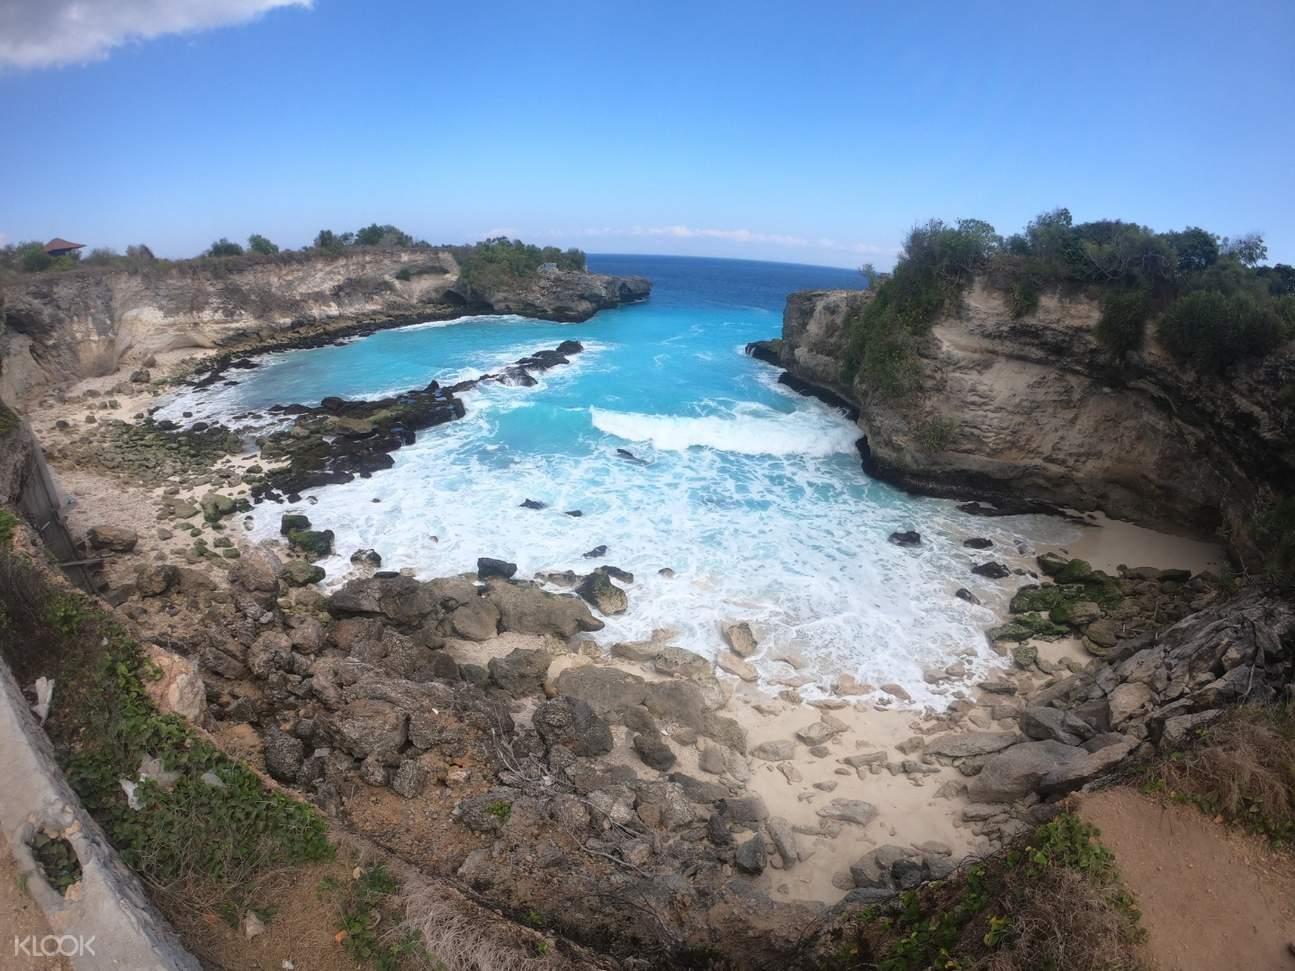 藍夢島藍潟湖